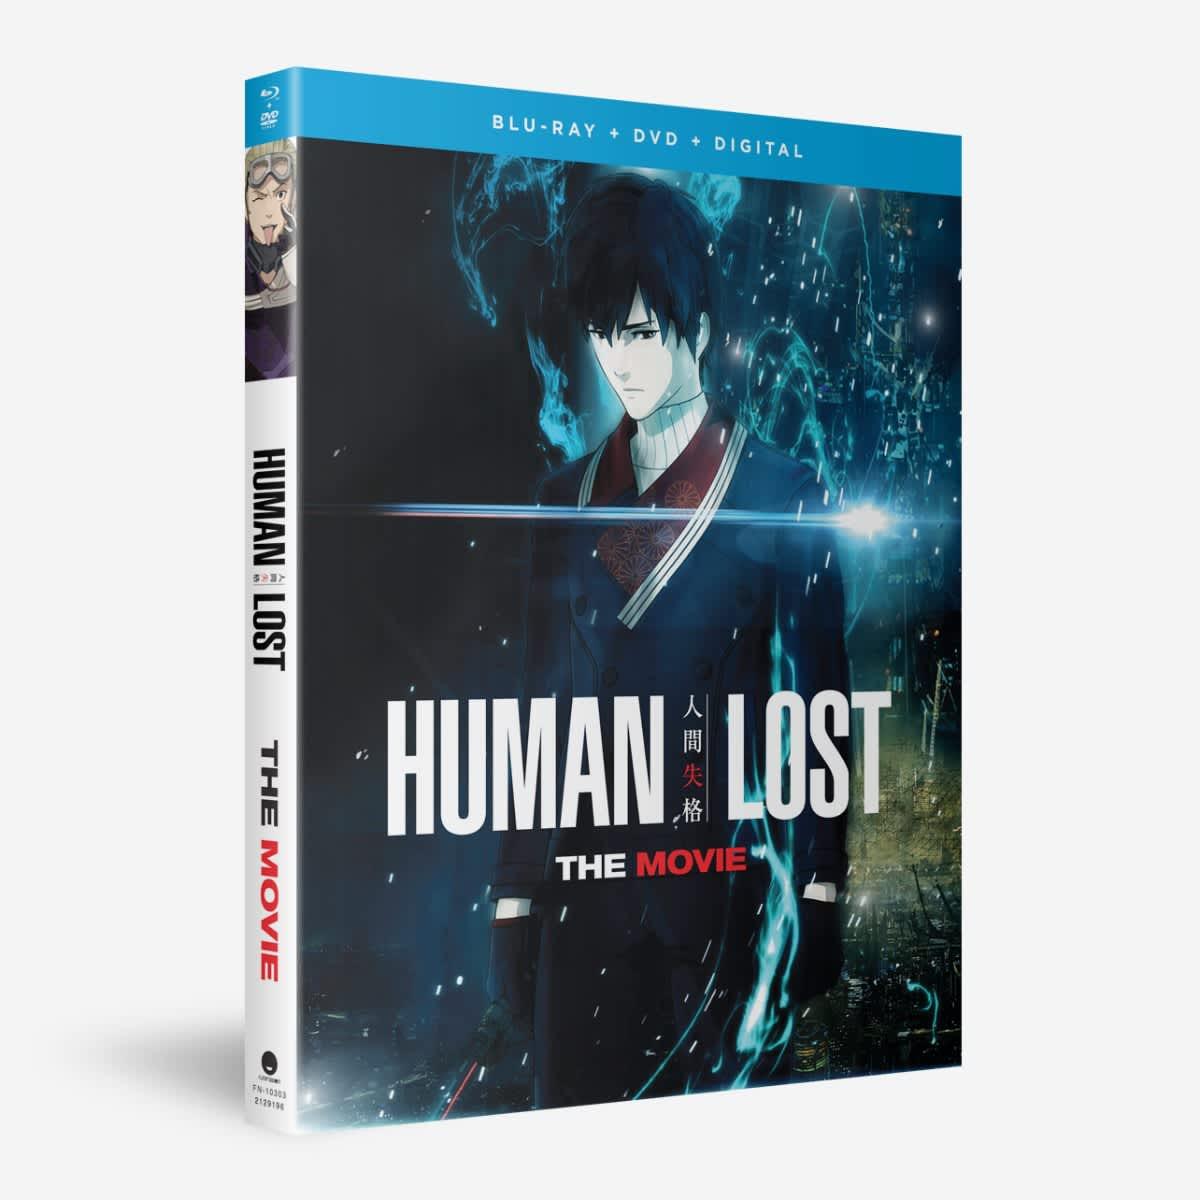 Human Lost Blu-ray